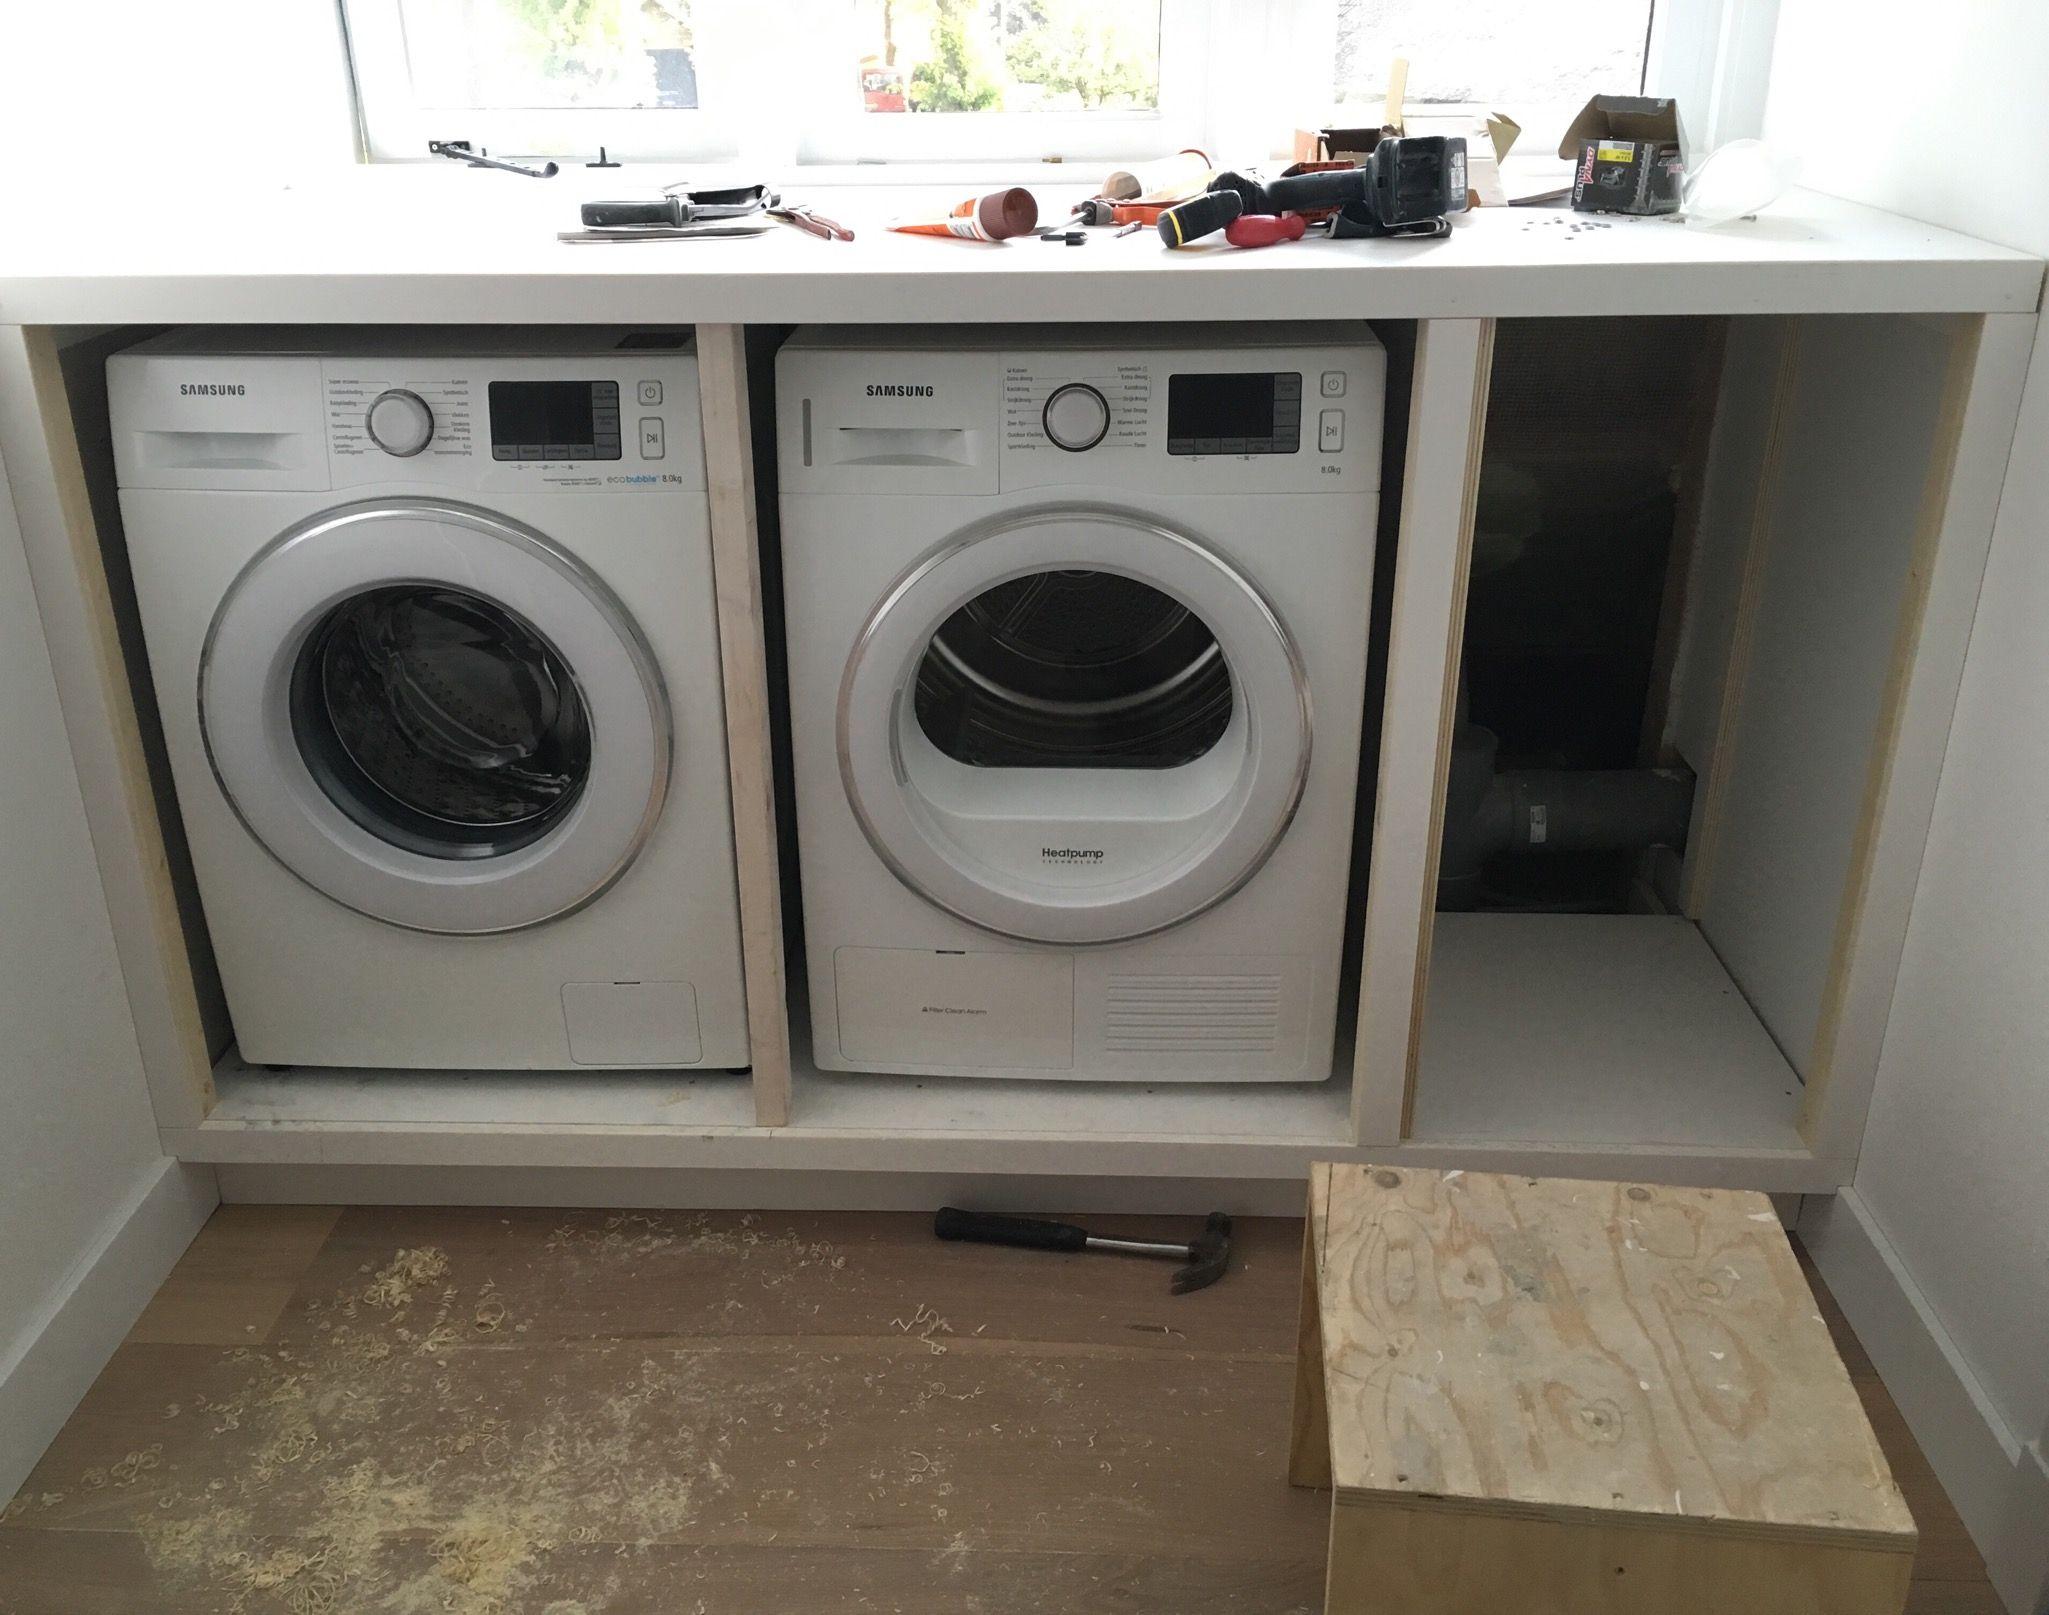 Wasmachine Kast Leenbakker : Ikea wasmachinekast u msnoel